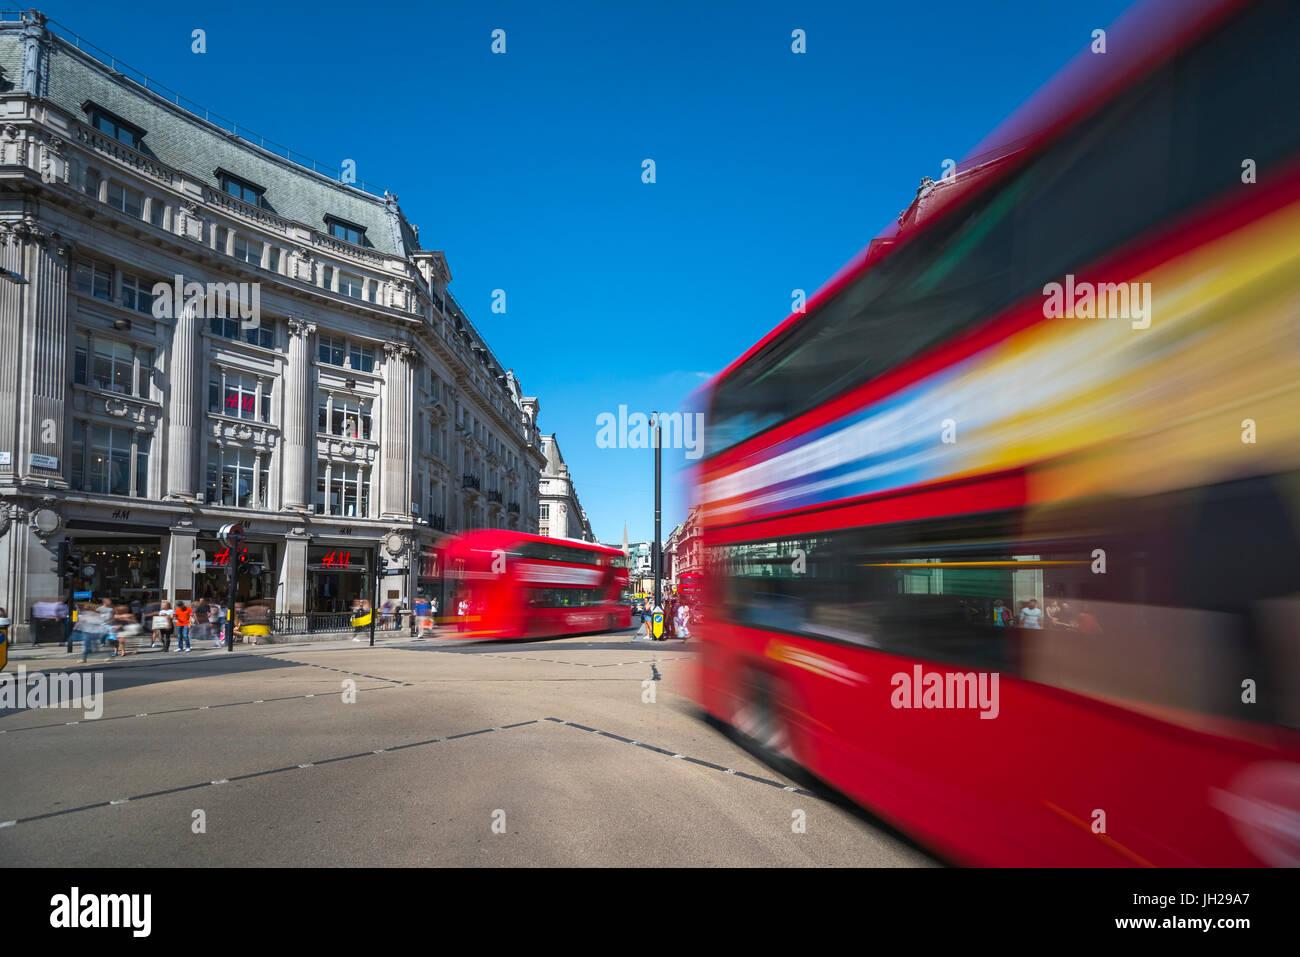 Double Decker buses, Oxford Circus, West End, Londres, Inglaterra, Reino Unido, Europa Imagen De Stock